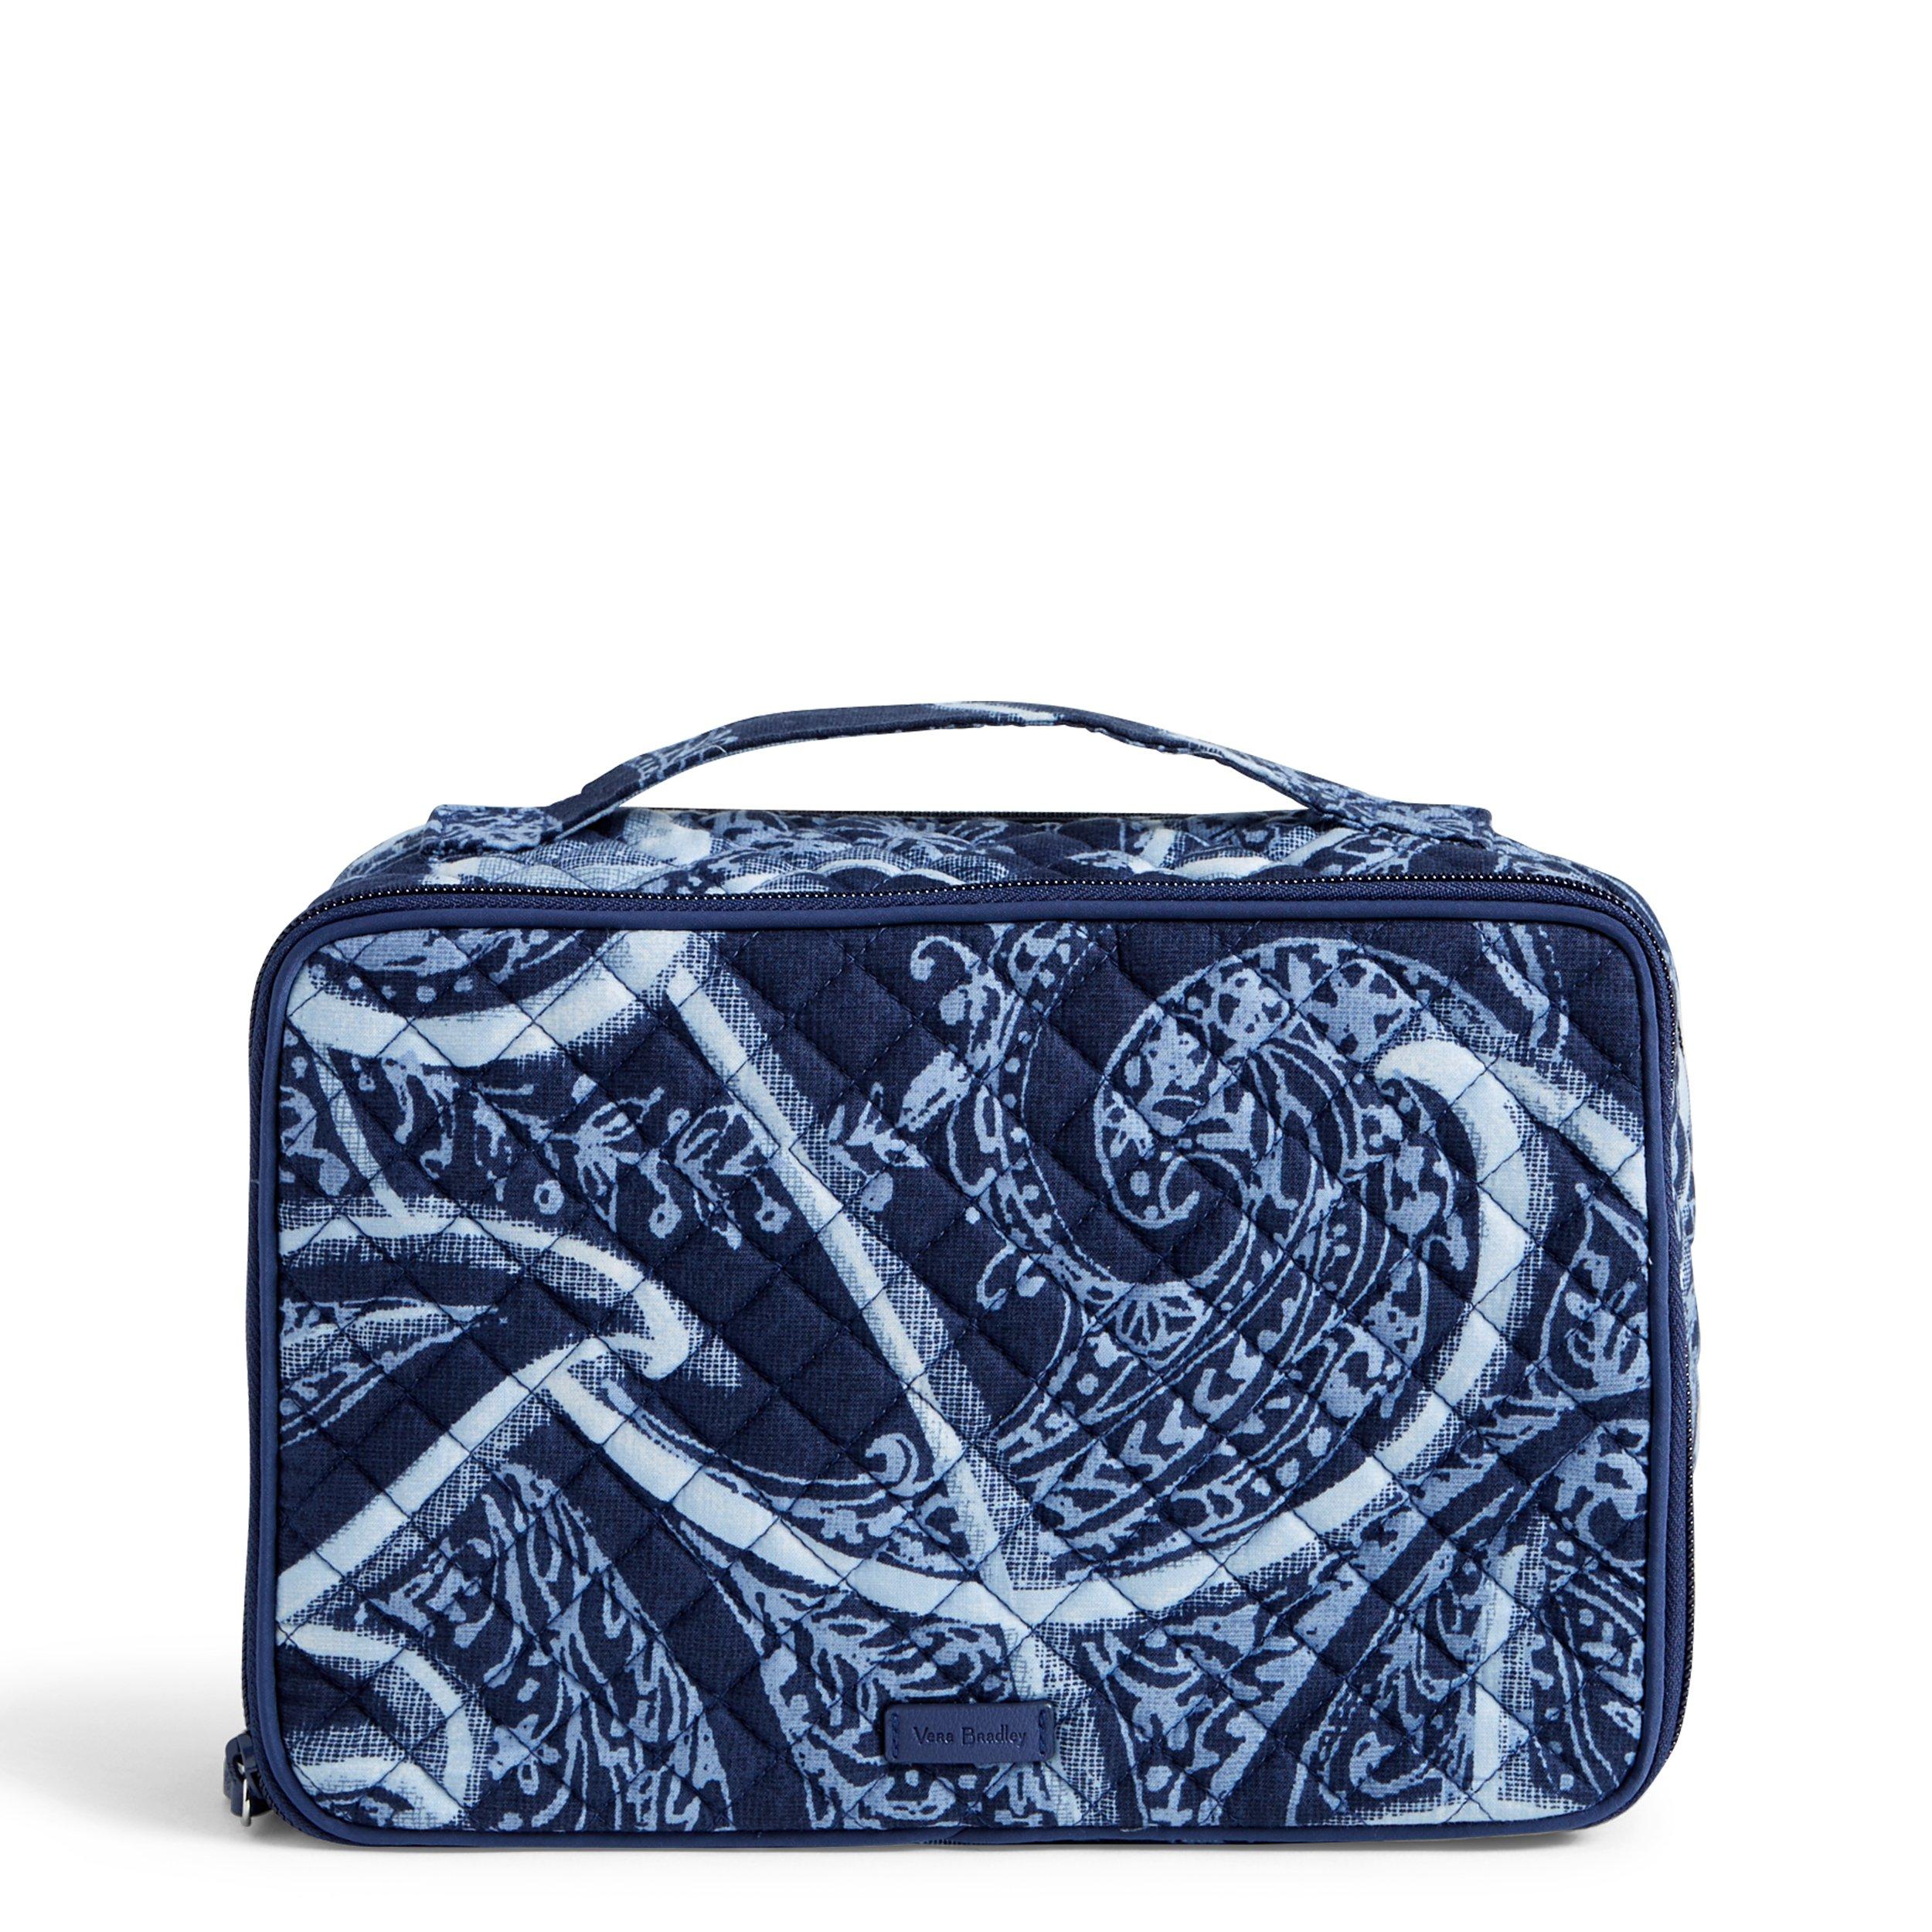 Vera Bradley Iconic Large Blush and Brush Case, Signature Cotton, Indio